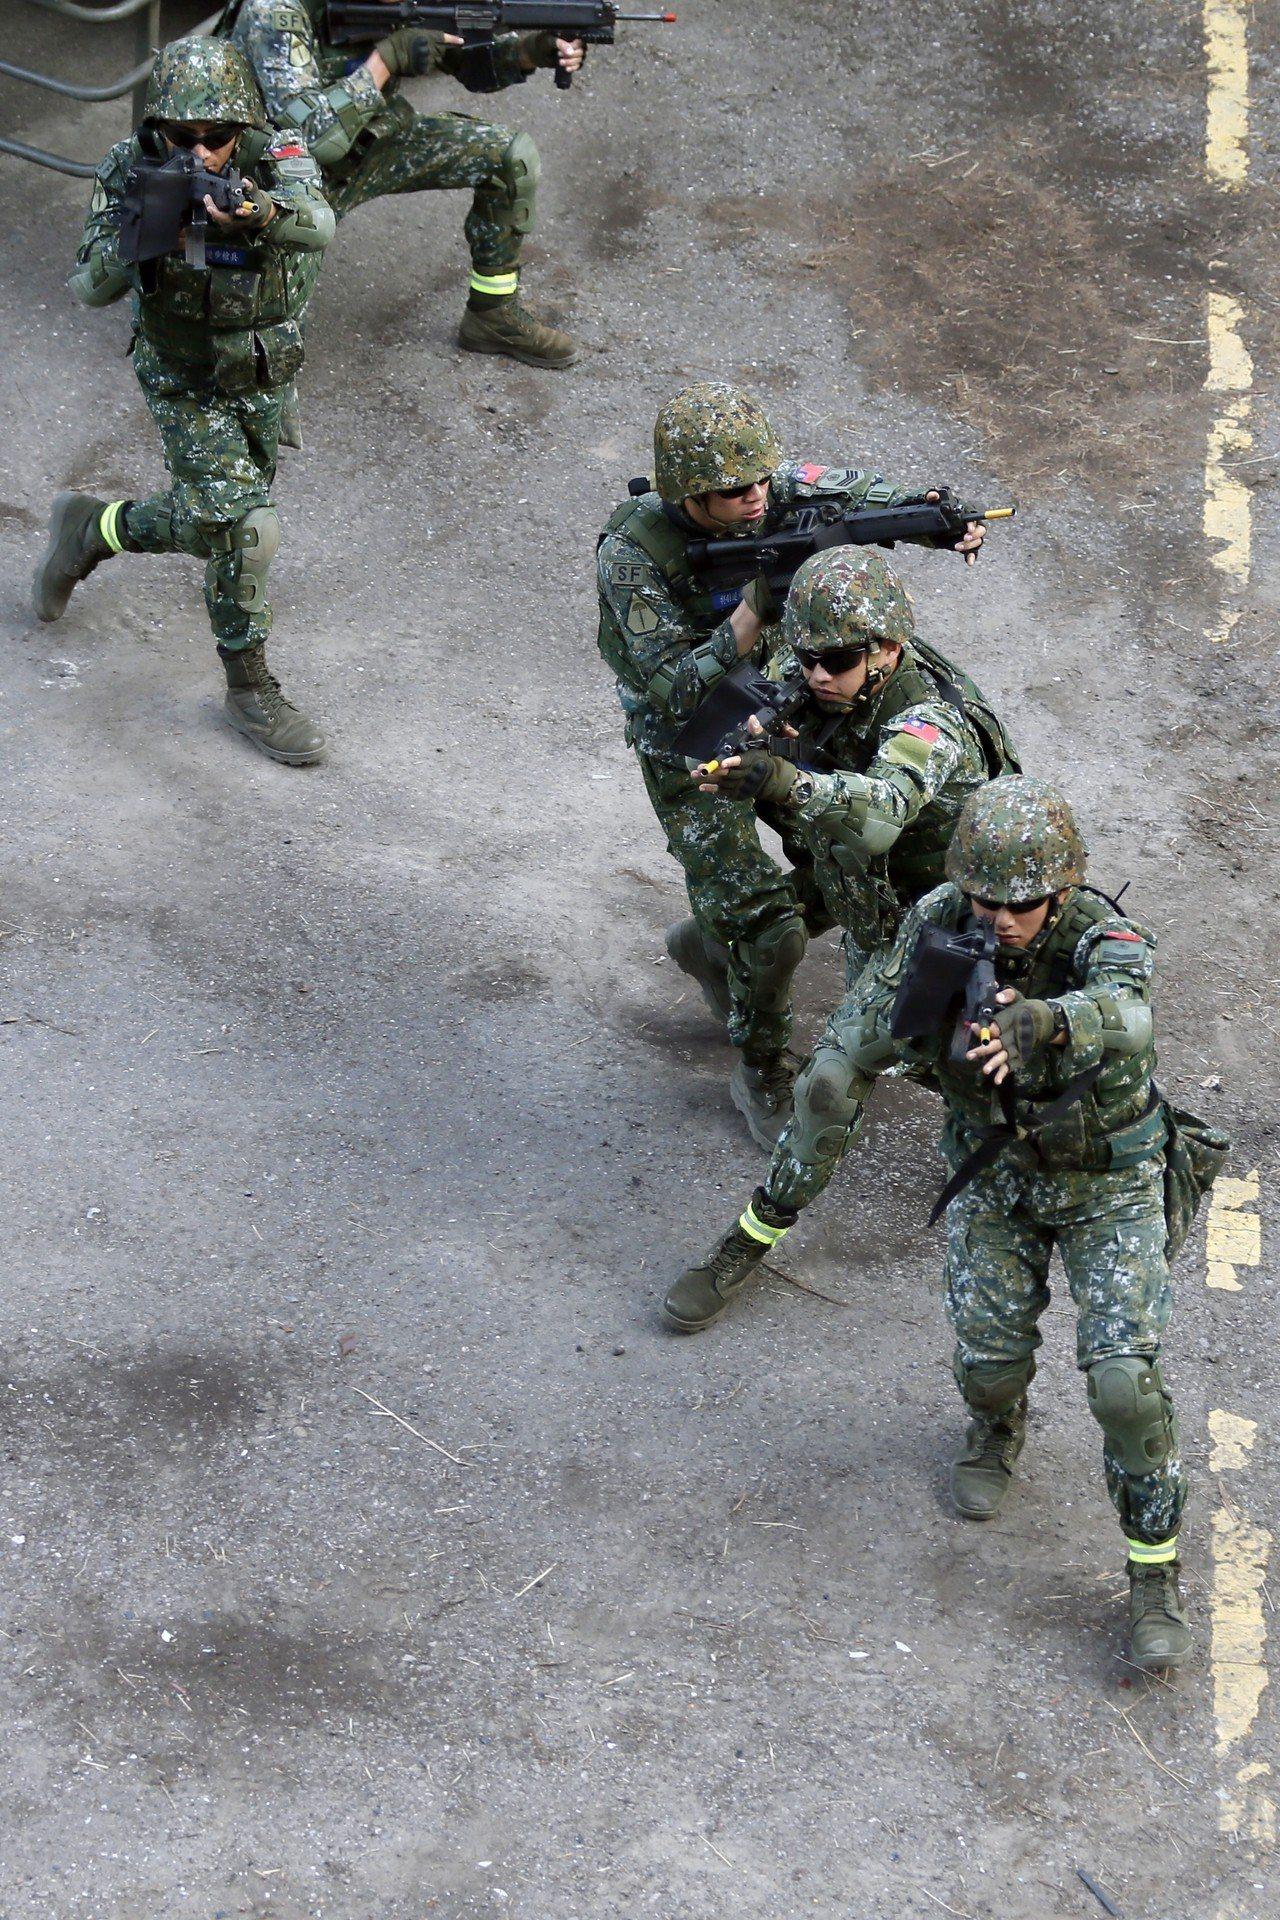 特4營以小部隊作戰的方式奇襲敵軍,模擬對假想敵進行攻擊。圖/軍聞社